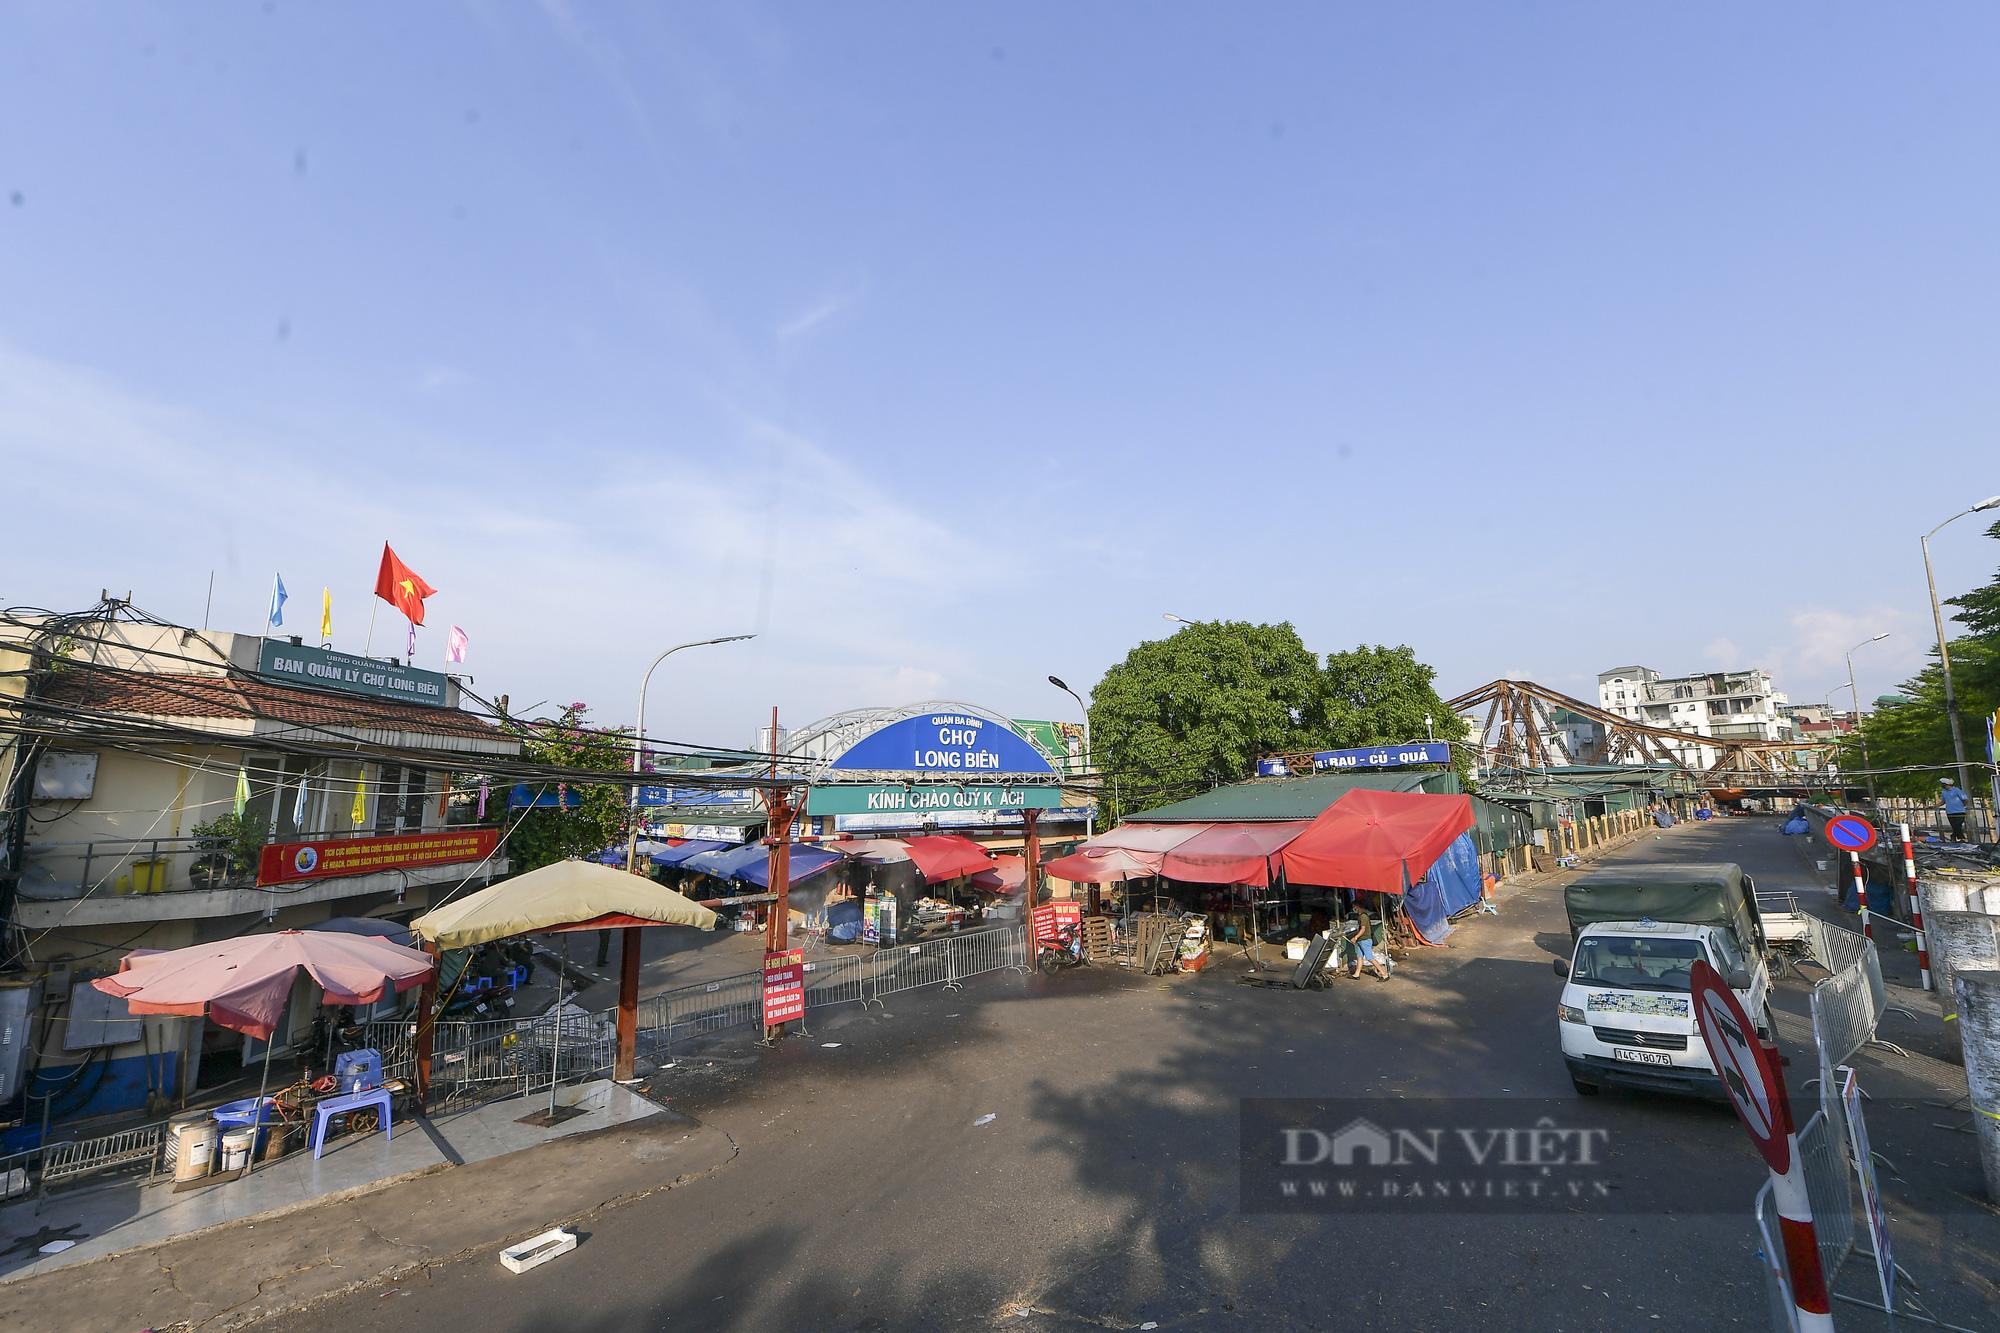 Hà Nội: Phong toả toàn bộ chợ Long Biên do liên quan tới ca dương tính SARS-CoV-2 - Ảnh 7.